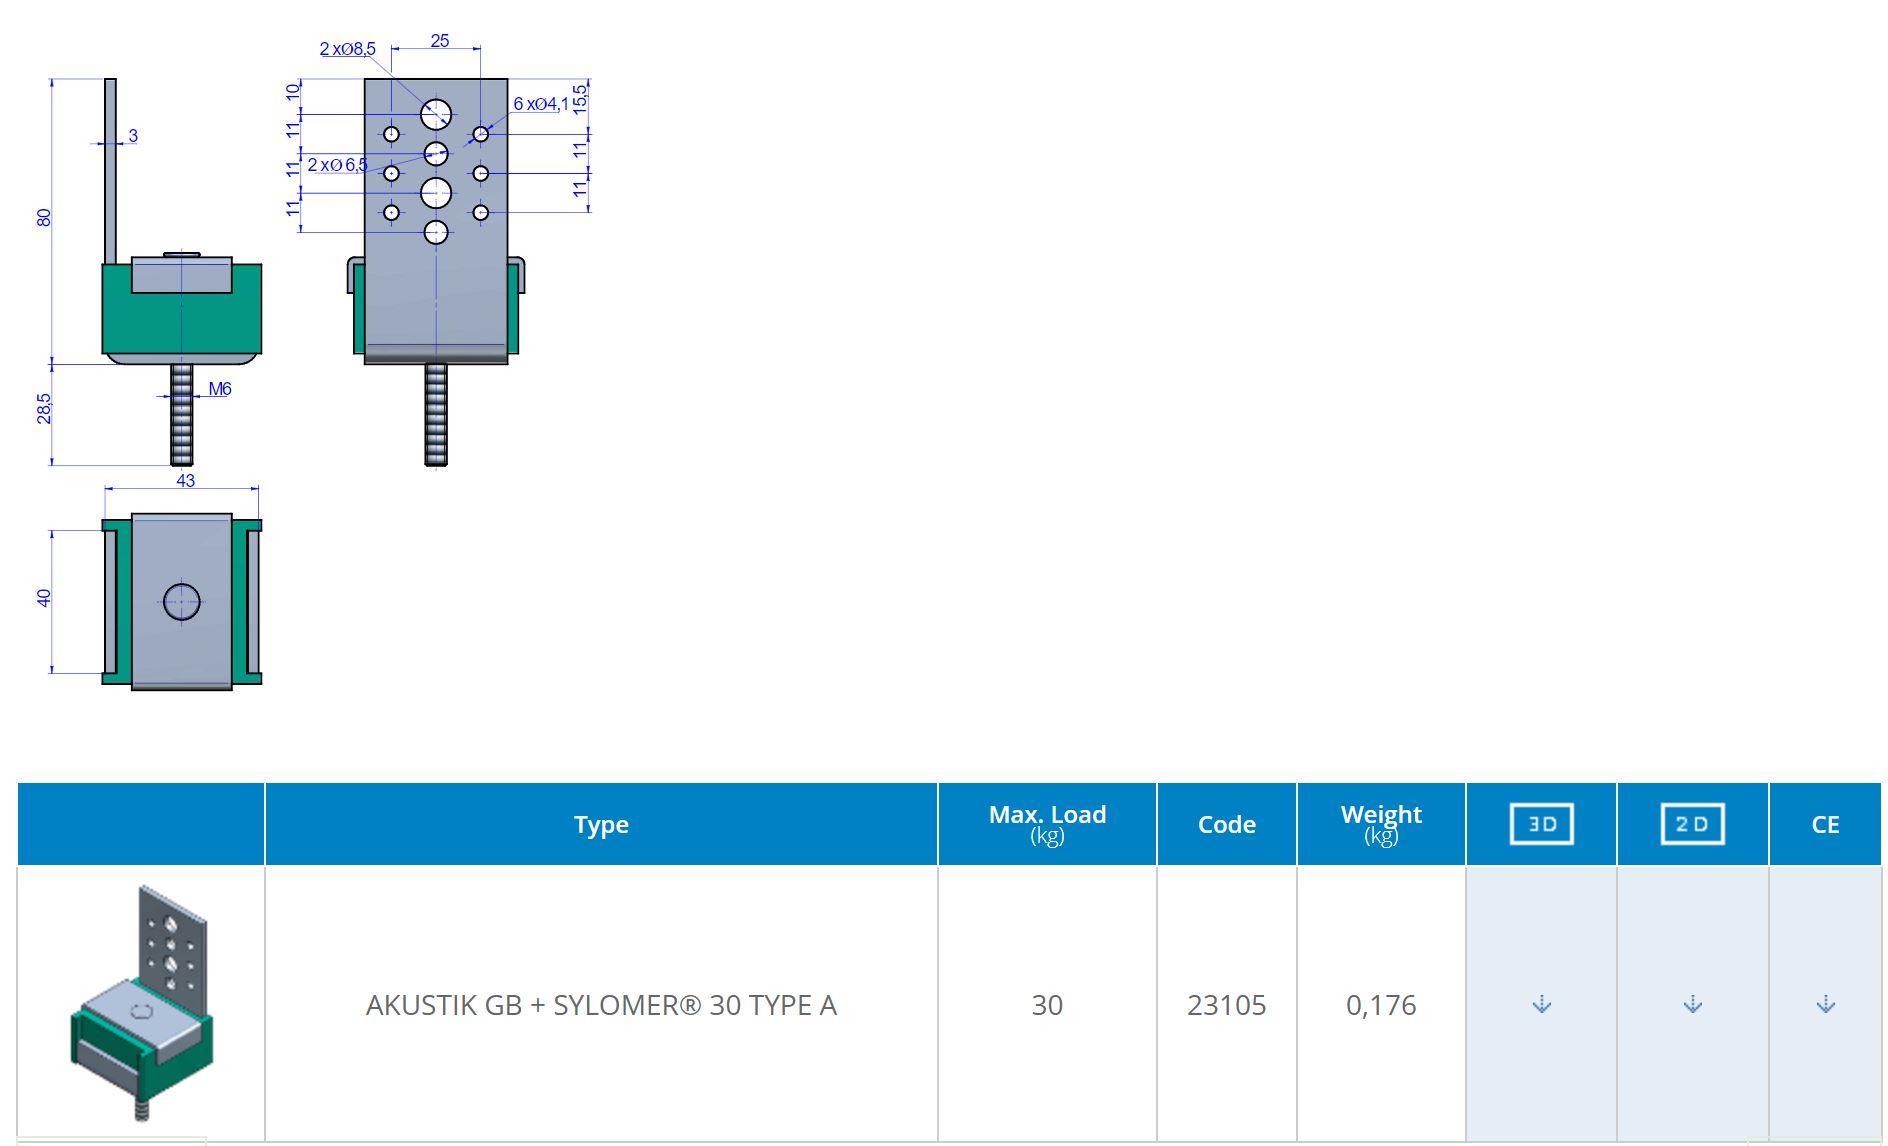 Akustik GB + Sylomer 30 Type A